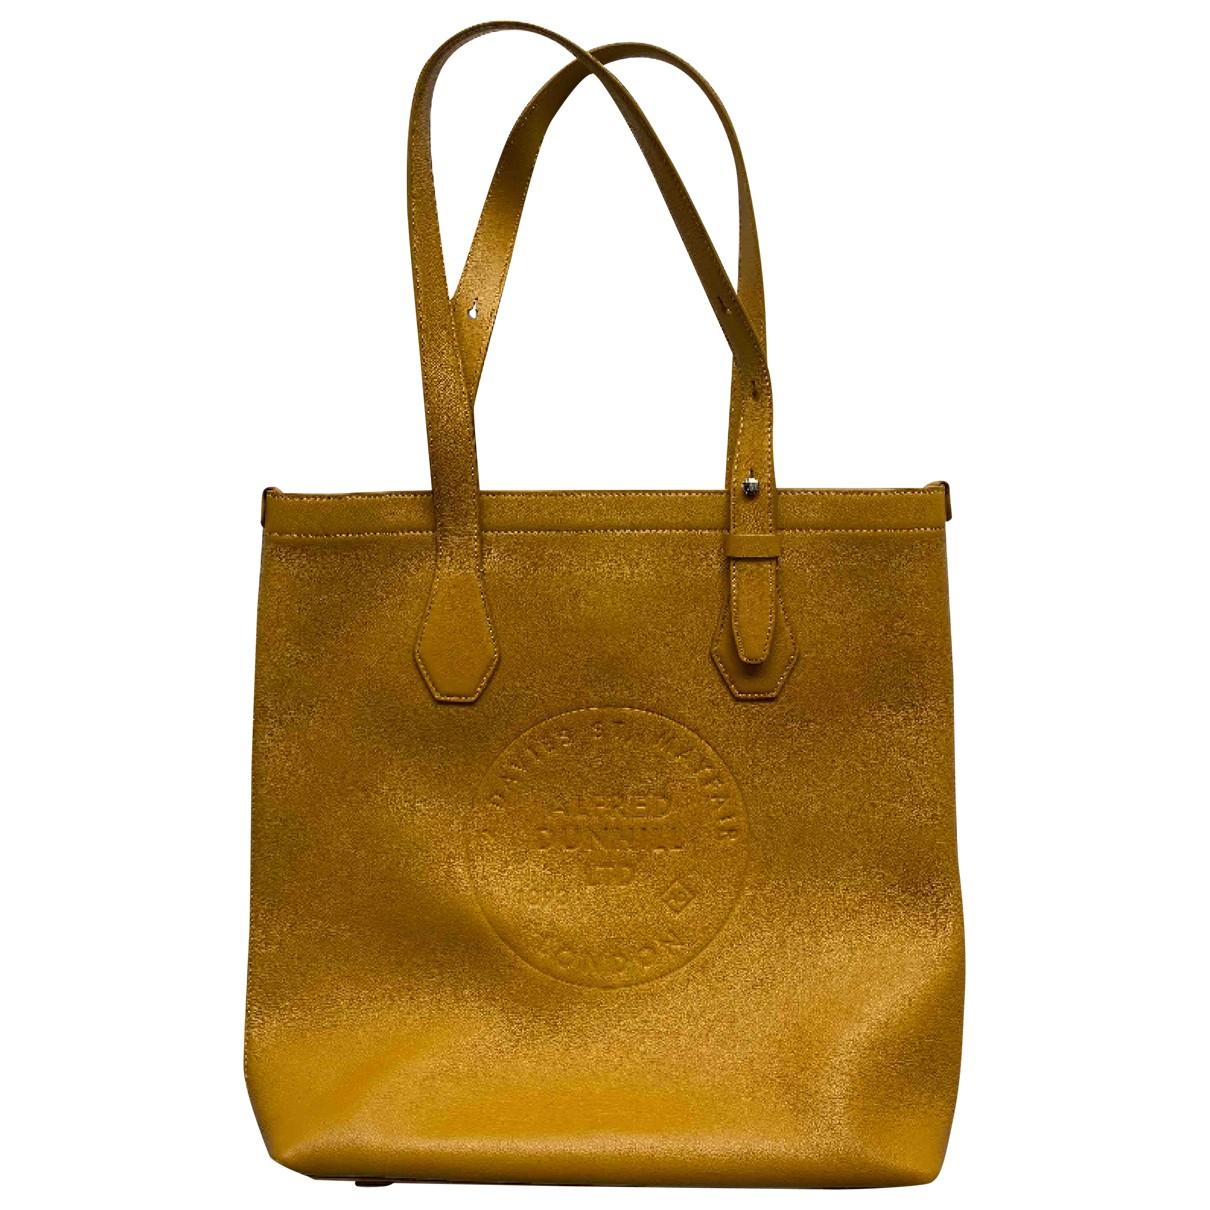 Alfred Dunhill - Sac de voyage   pour femme en cuir - jaune